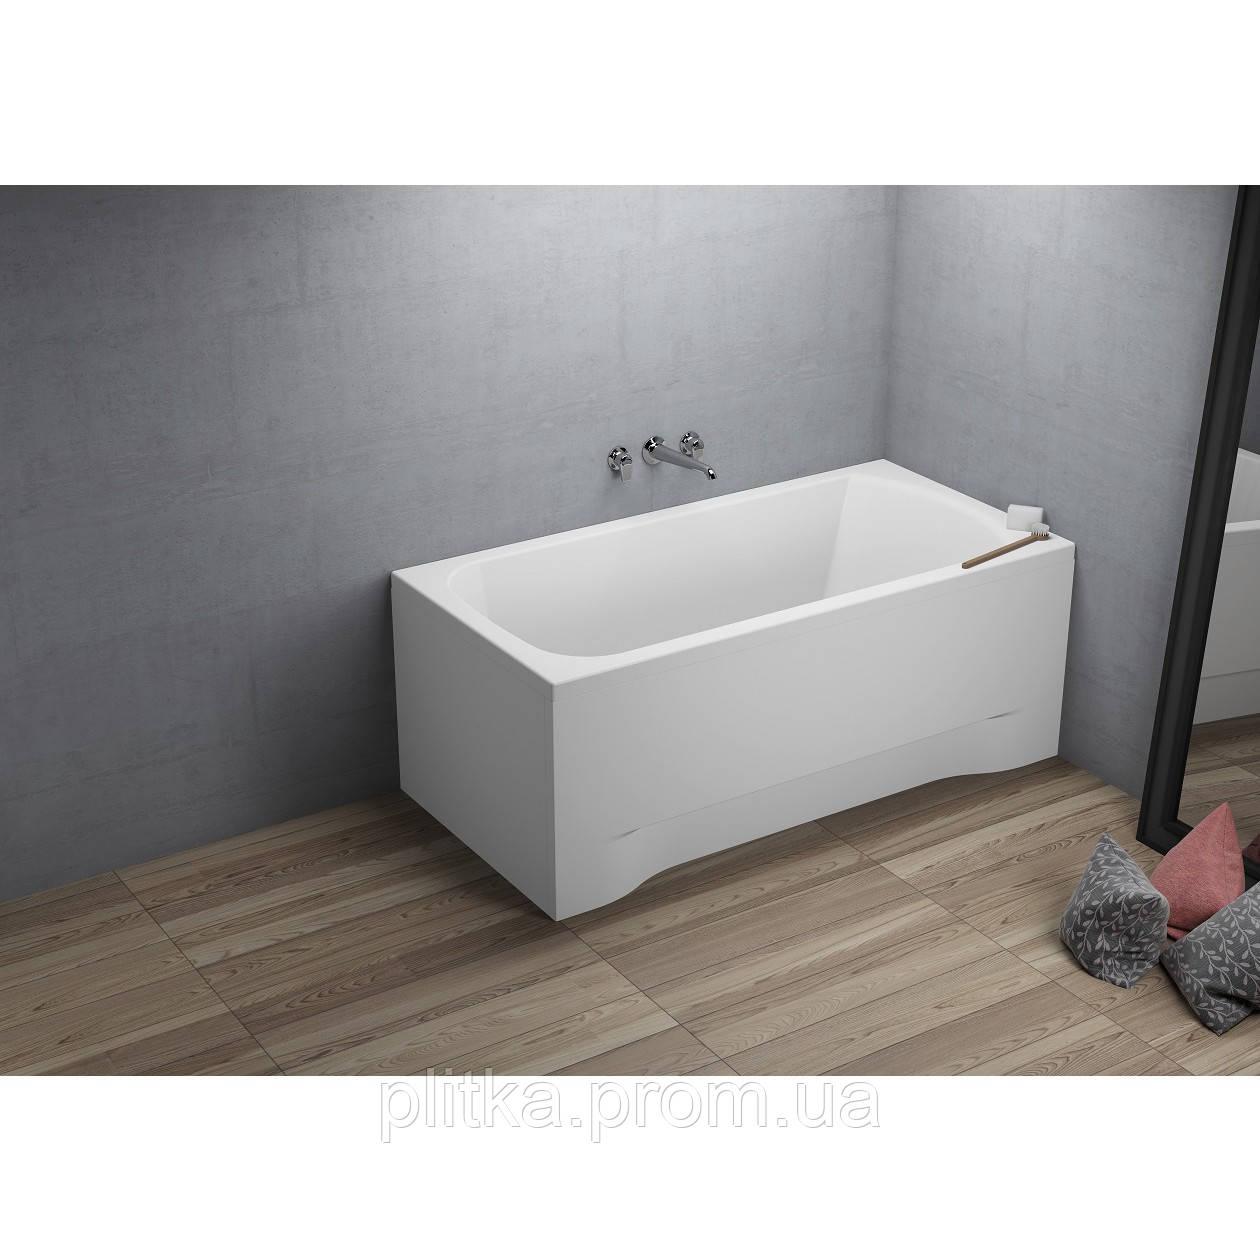 Ванна прямоугольная CLASSIC 140x70